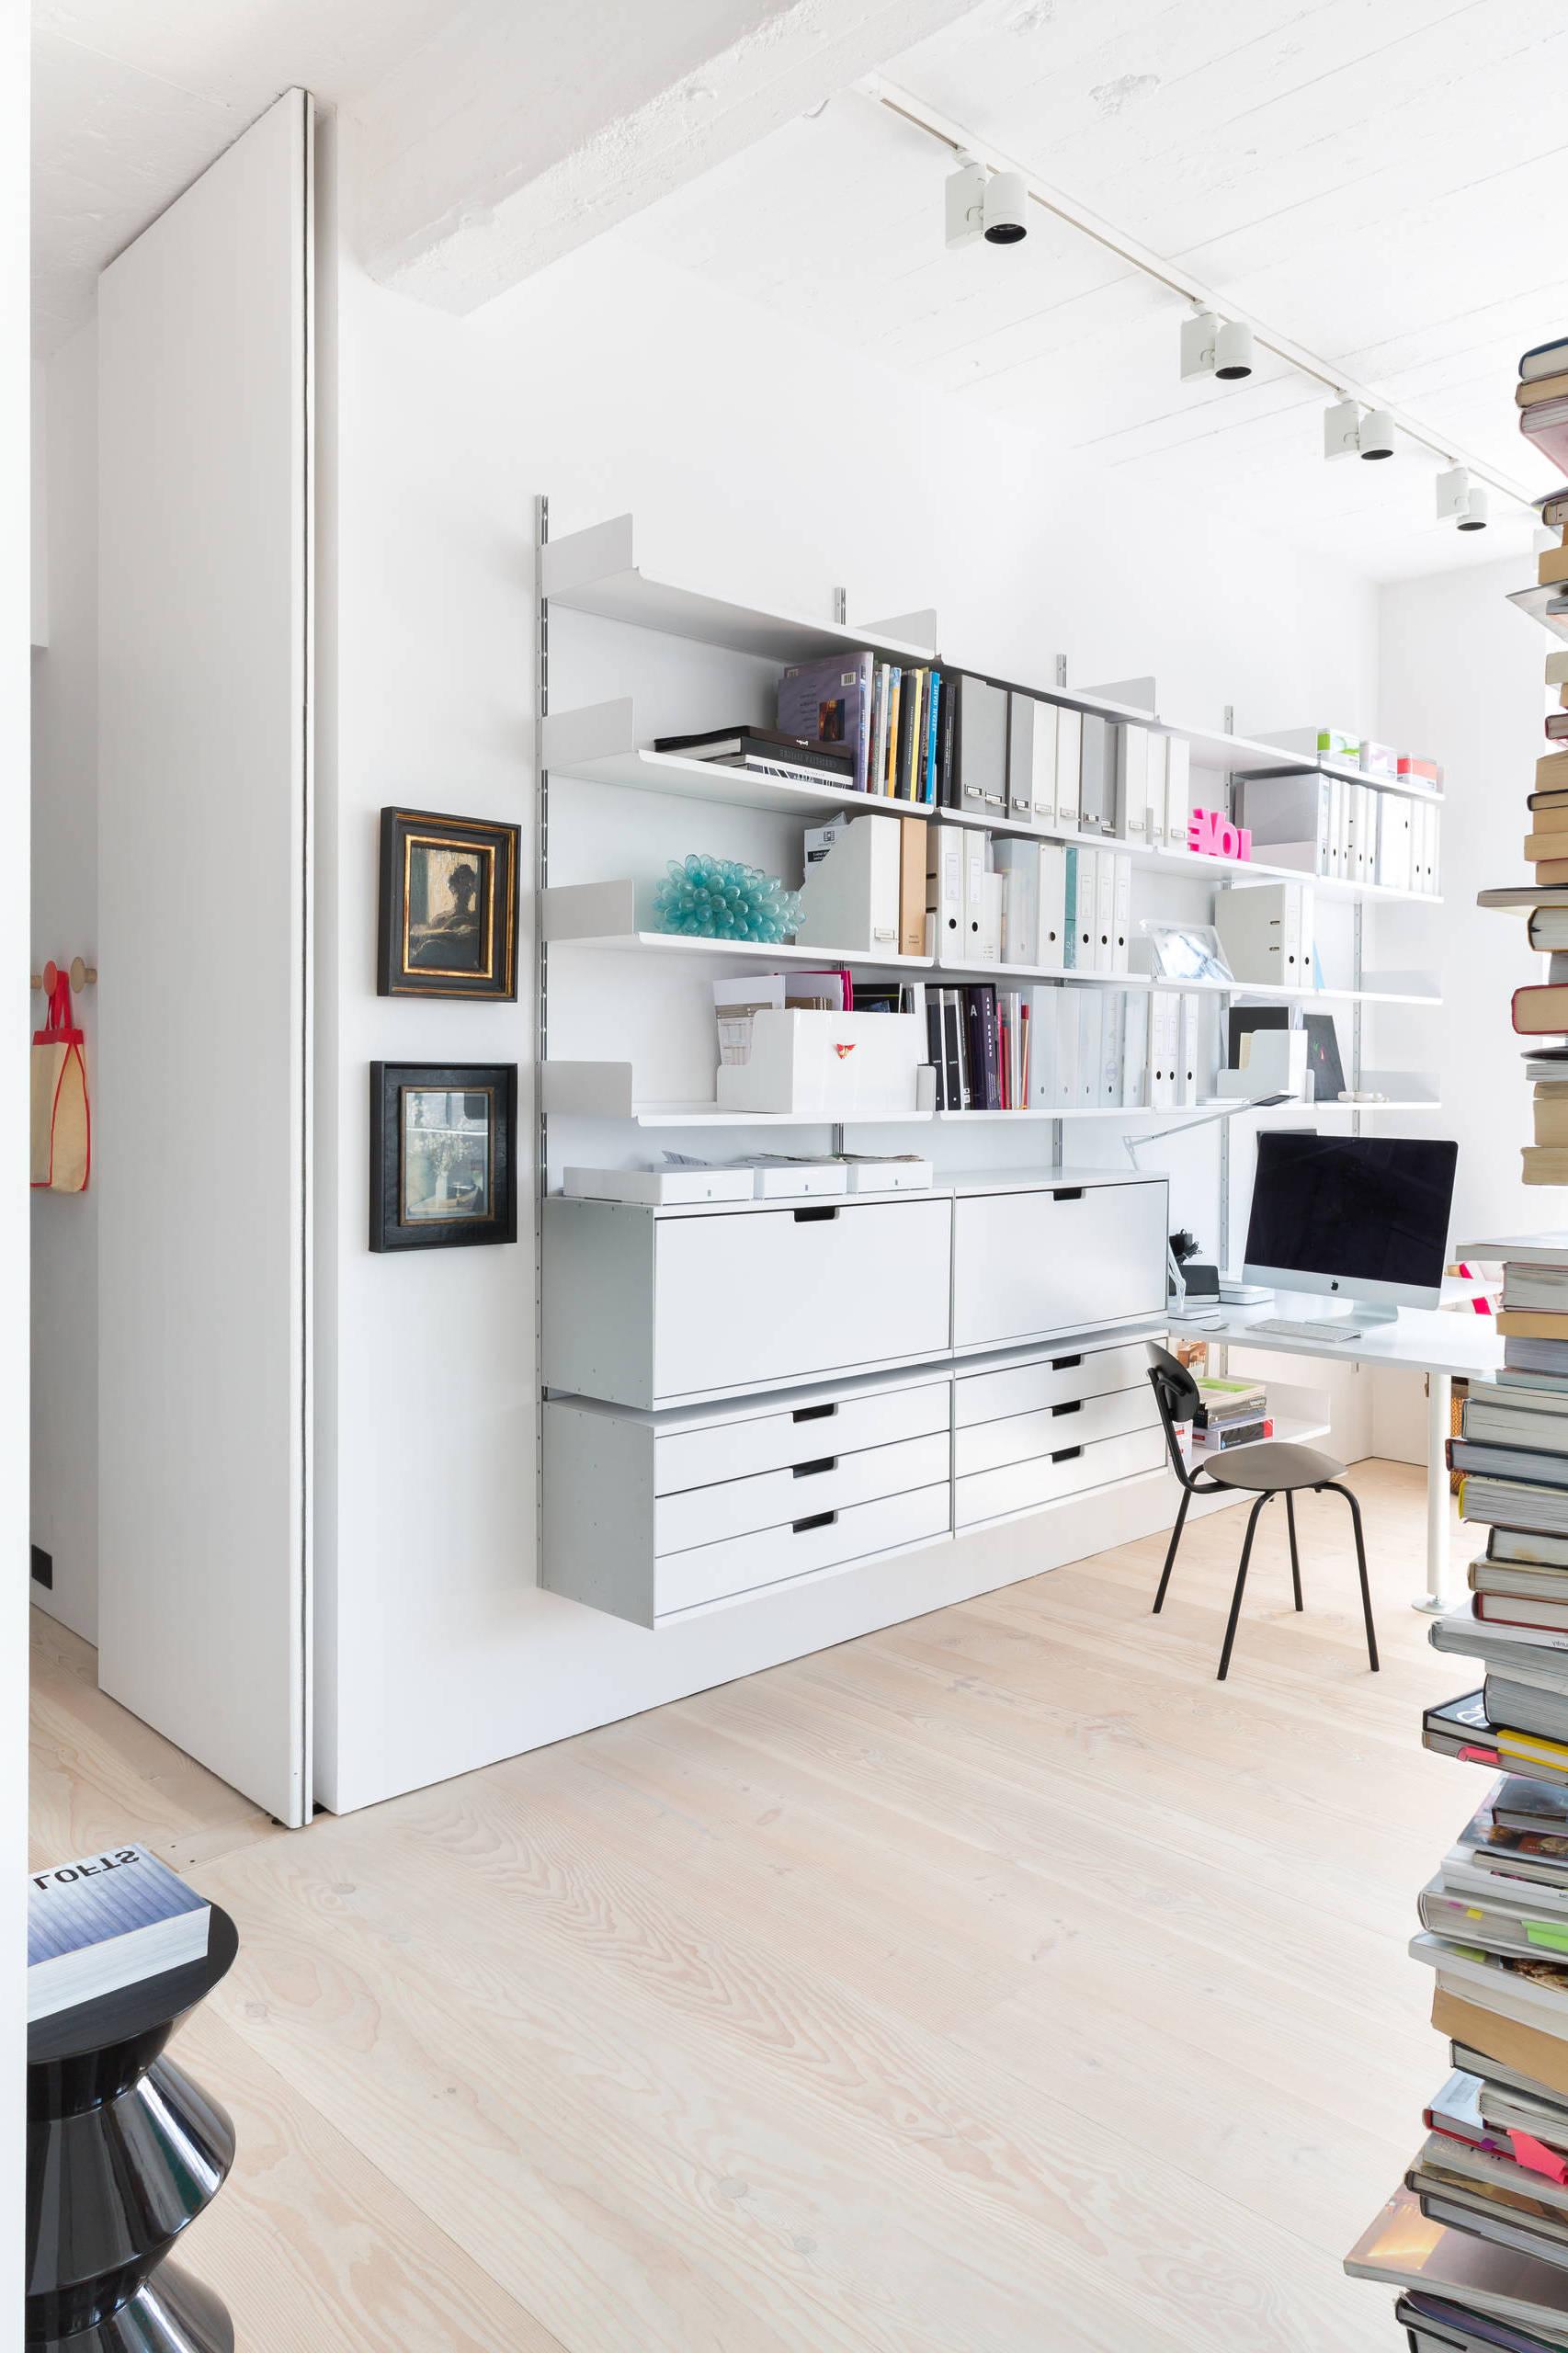 ordnung im b ro effektive aufbewahrung mithilfe von. Black Bedroom Furniture Sets. Home Design Ideas